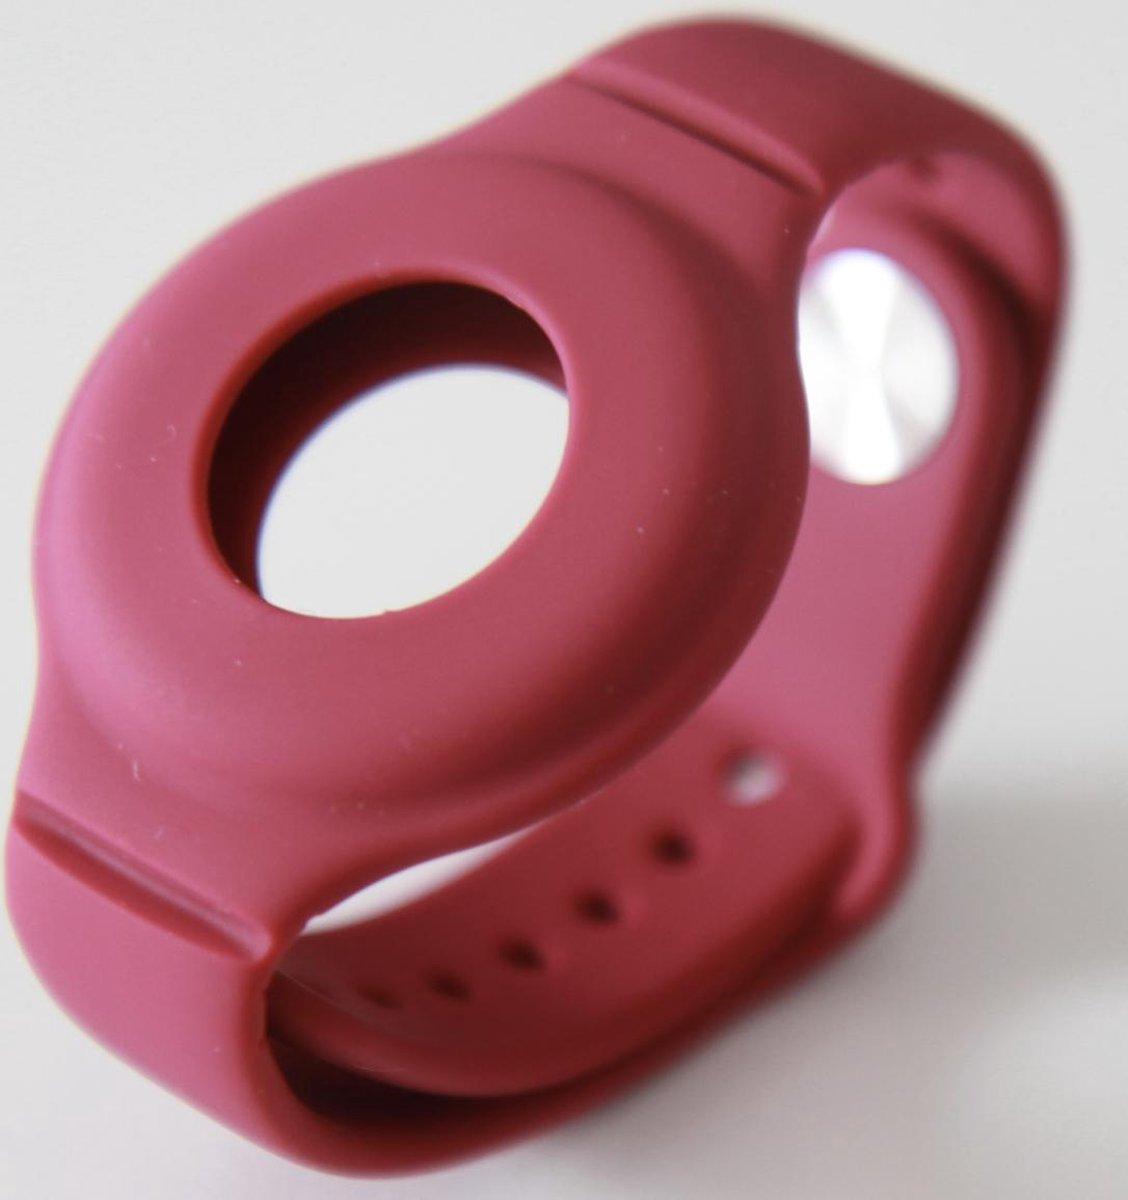 Nieuwe Model Apple Airtag Sleutelhanger   Airtag Polsband voor Kinderen (Vanaf 2 jaar) & Volwassenen  Wine Rood